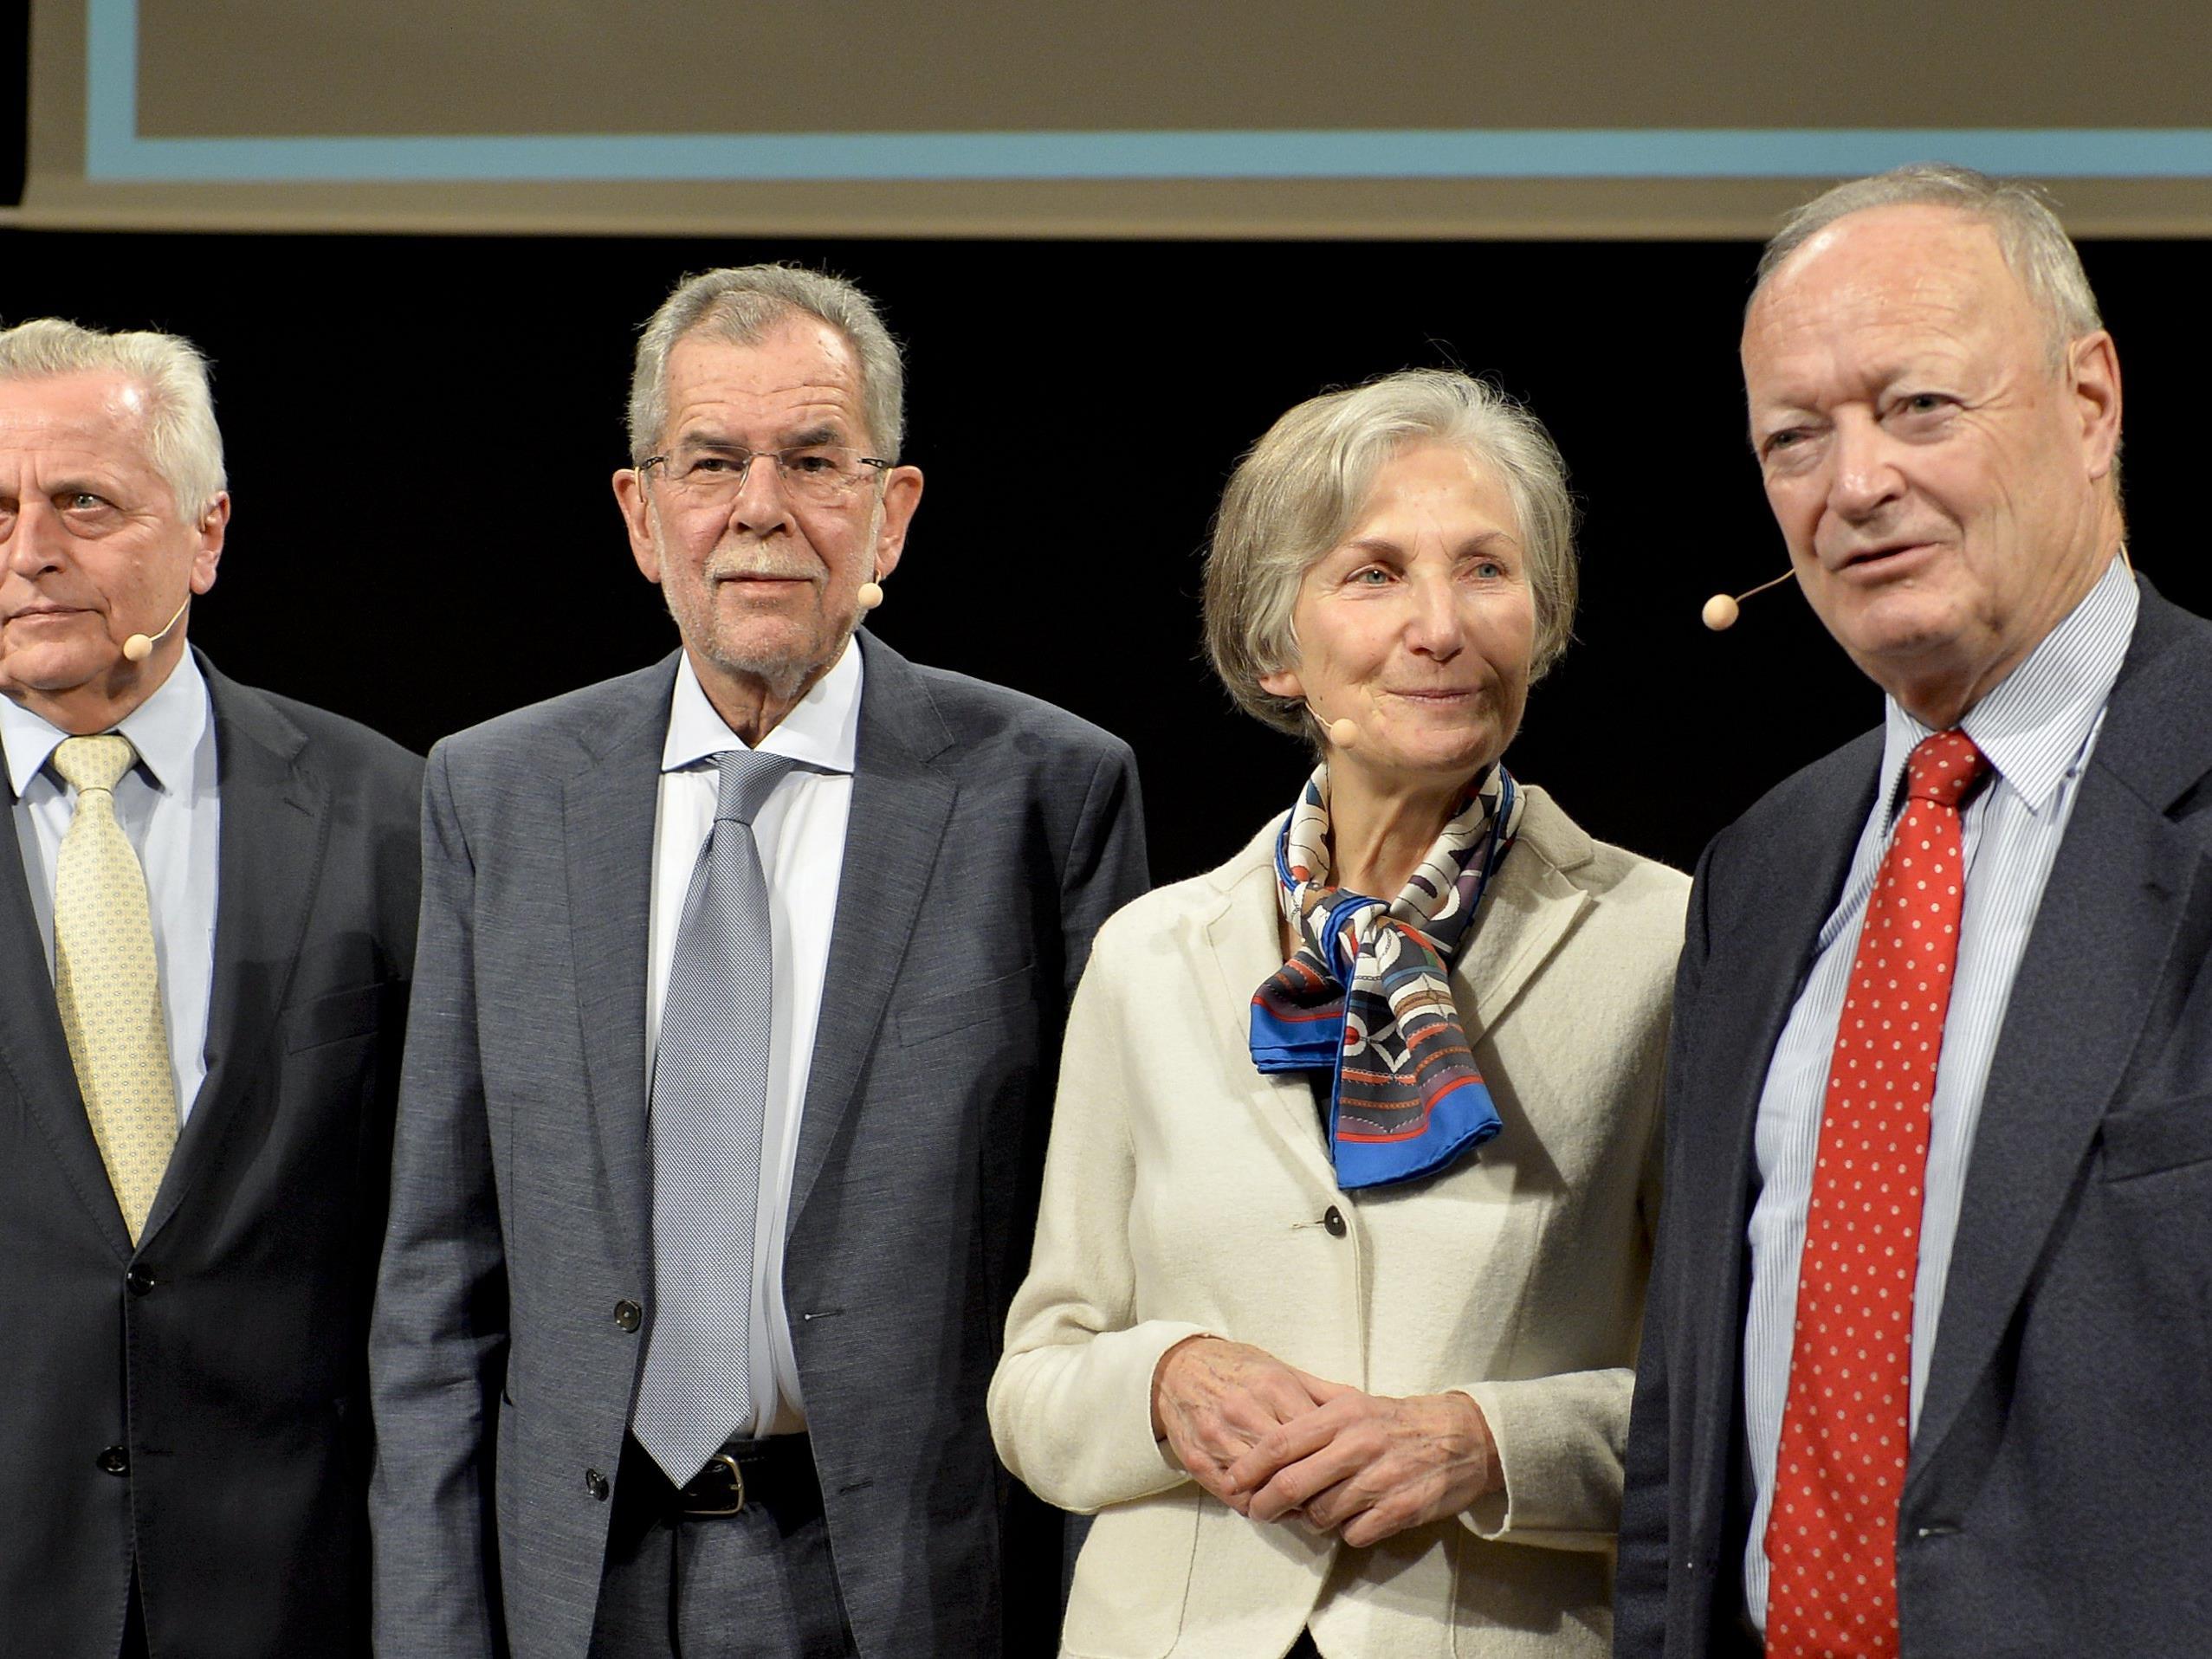 Die vier bisherigen Präsidentschaftskandidaten auf einen Blick.